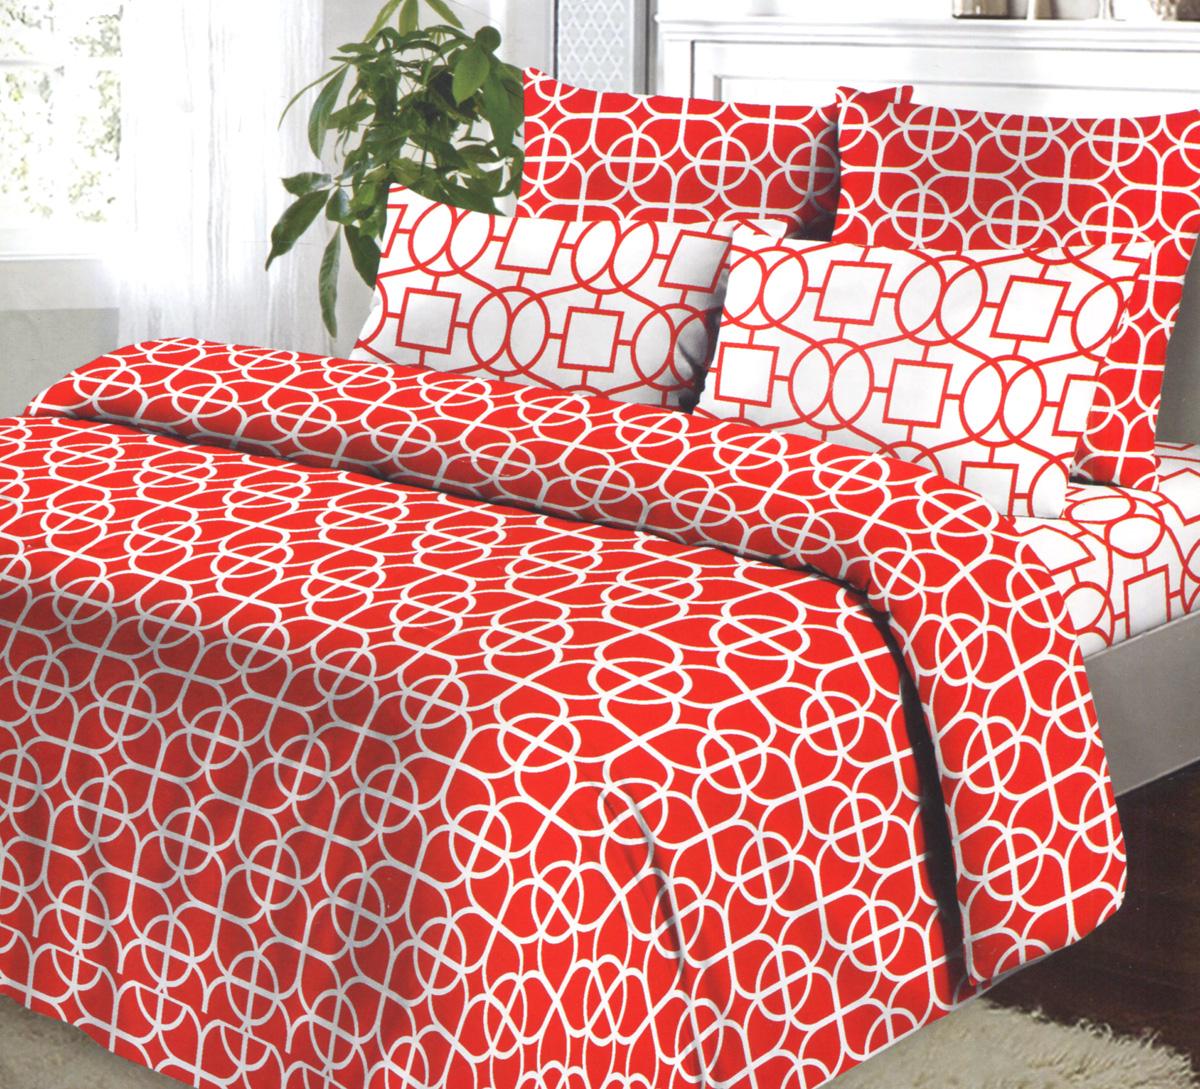 Комплект белья Коллекция Гео, 1,5- спальный, наволочки 70х70, цвет: белый, красныйОБК-1,5/70 5047/1:5048/1Комплект постельного белья Коллекция Гео выполнен из бязи (100% натурального хлопка). Комплект состоит из двух пододеяльников, простыни и двух наволочек. Постельное белье оформлено ярким красочным рисунком. Хорошая, качественная бязь всегда ценилась любителями спокойного и комфортного сна. Гладкая структура делает ткань приятной на ощупь, мягкой и нежной, при этом она прочная и хорошо сохраняет форму. Благодаря такому комплекту постельного белья вы сможете создать атмосферу роскоши и романтики в вашей спальне.